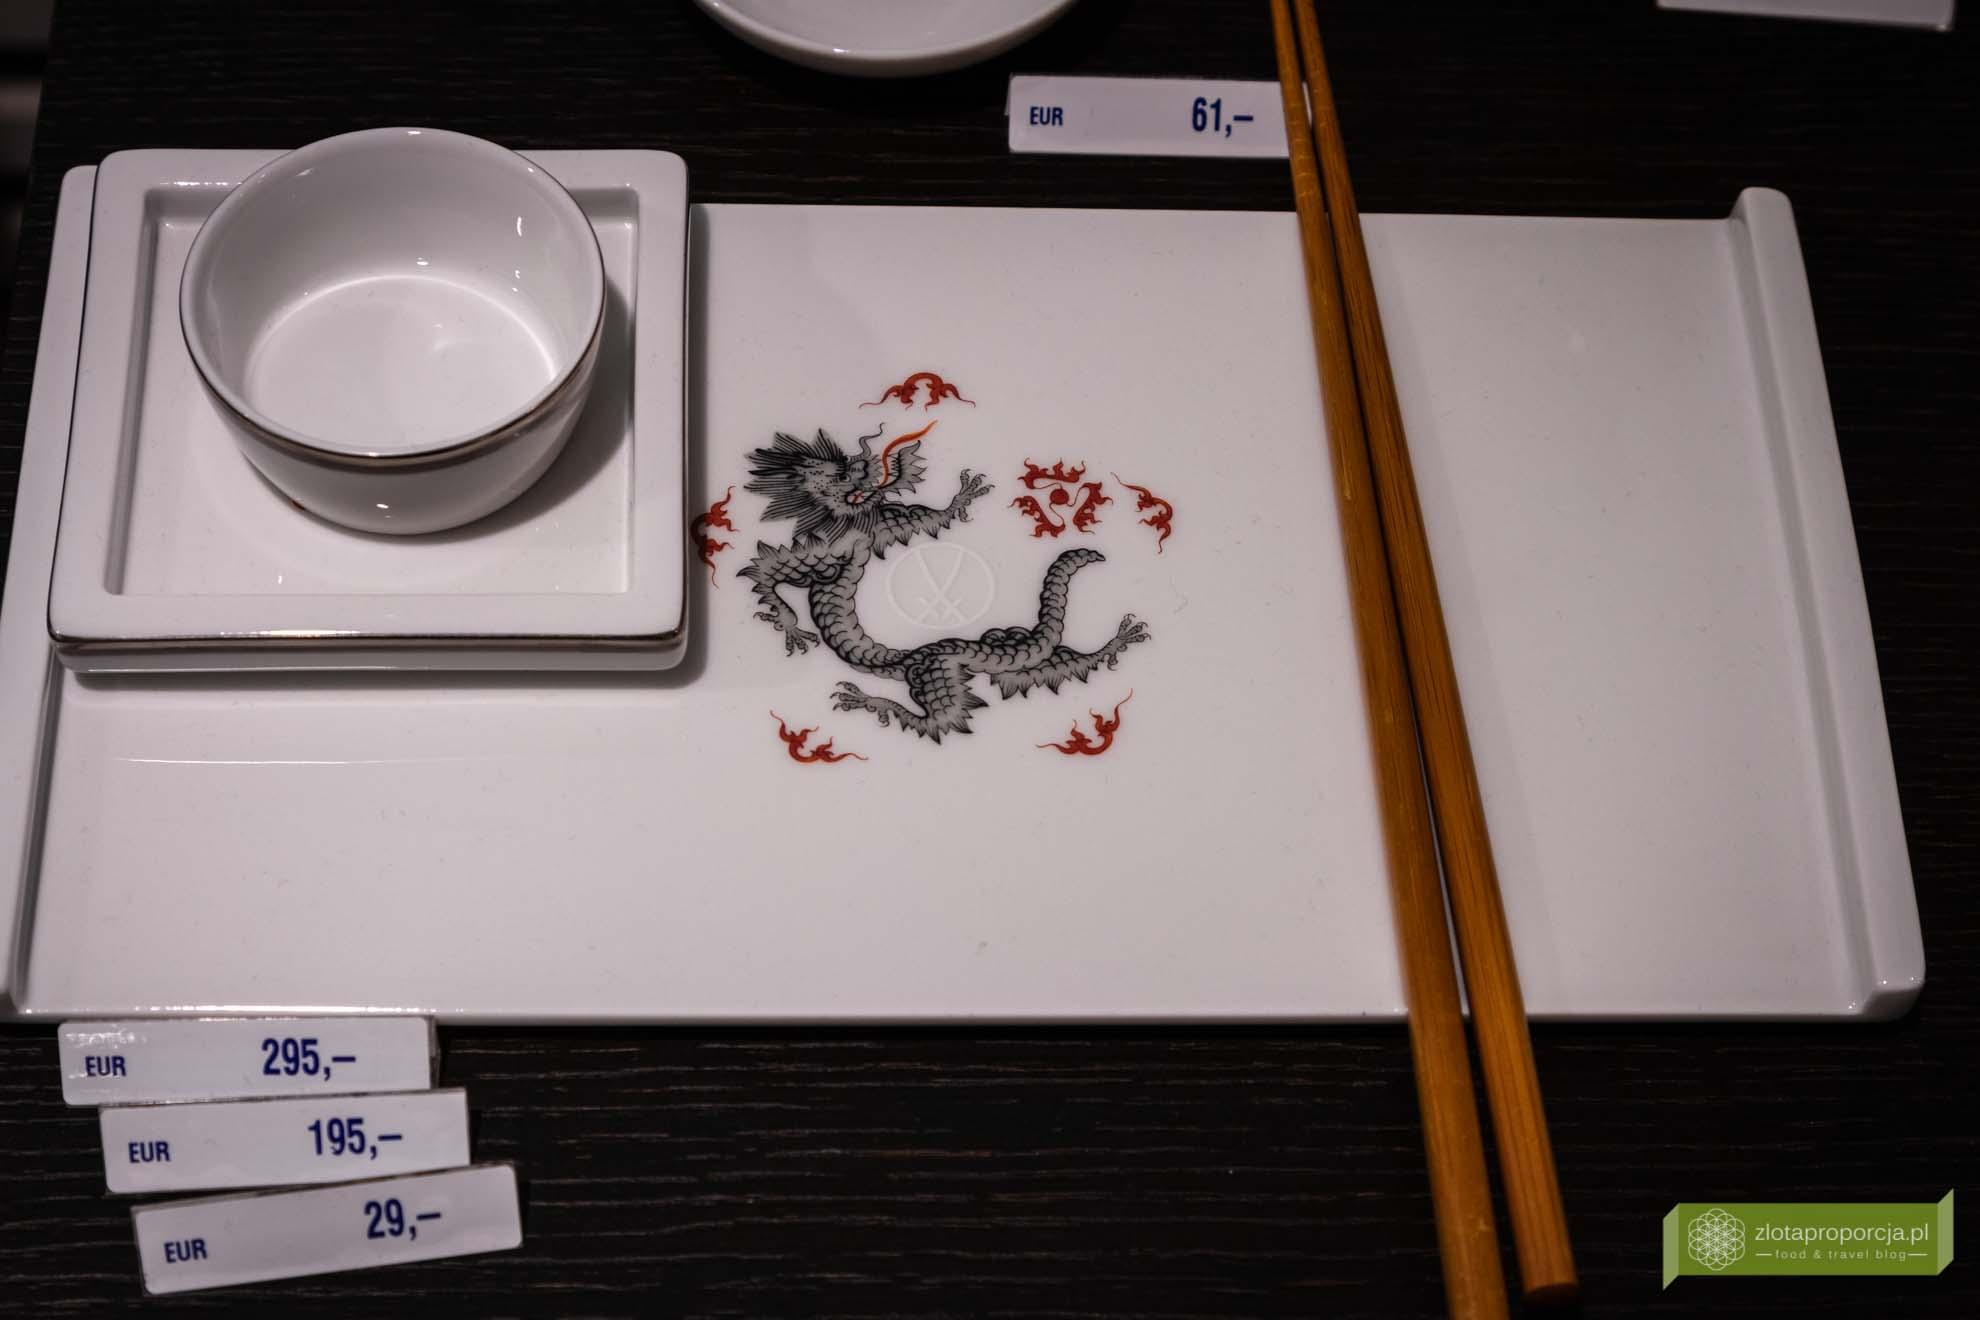 Miśnia, Saksonia, atrakcje Saksonii, Manufaktura Porcelany, porcelana miśnieńska;